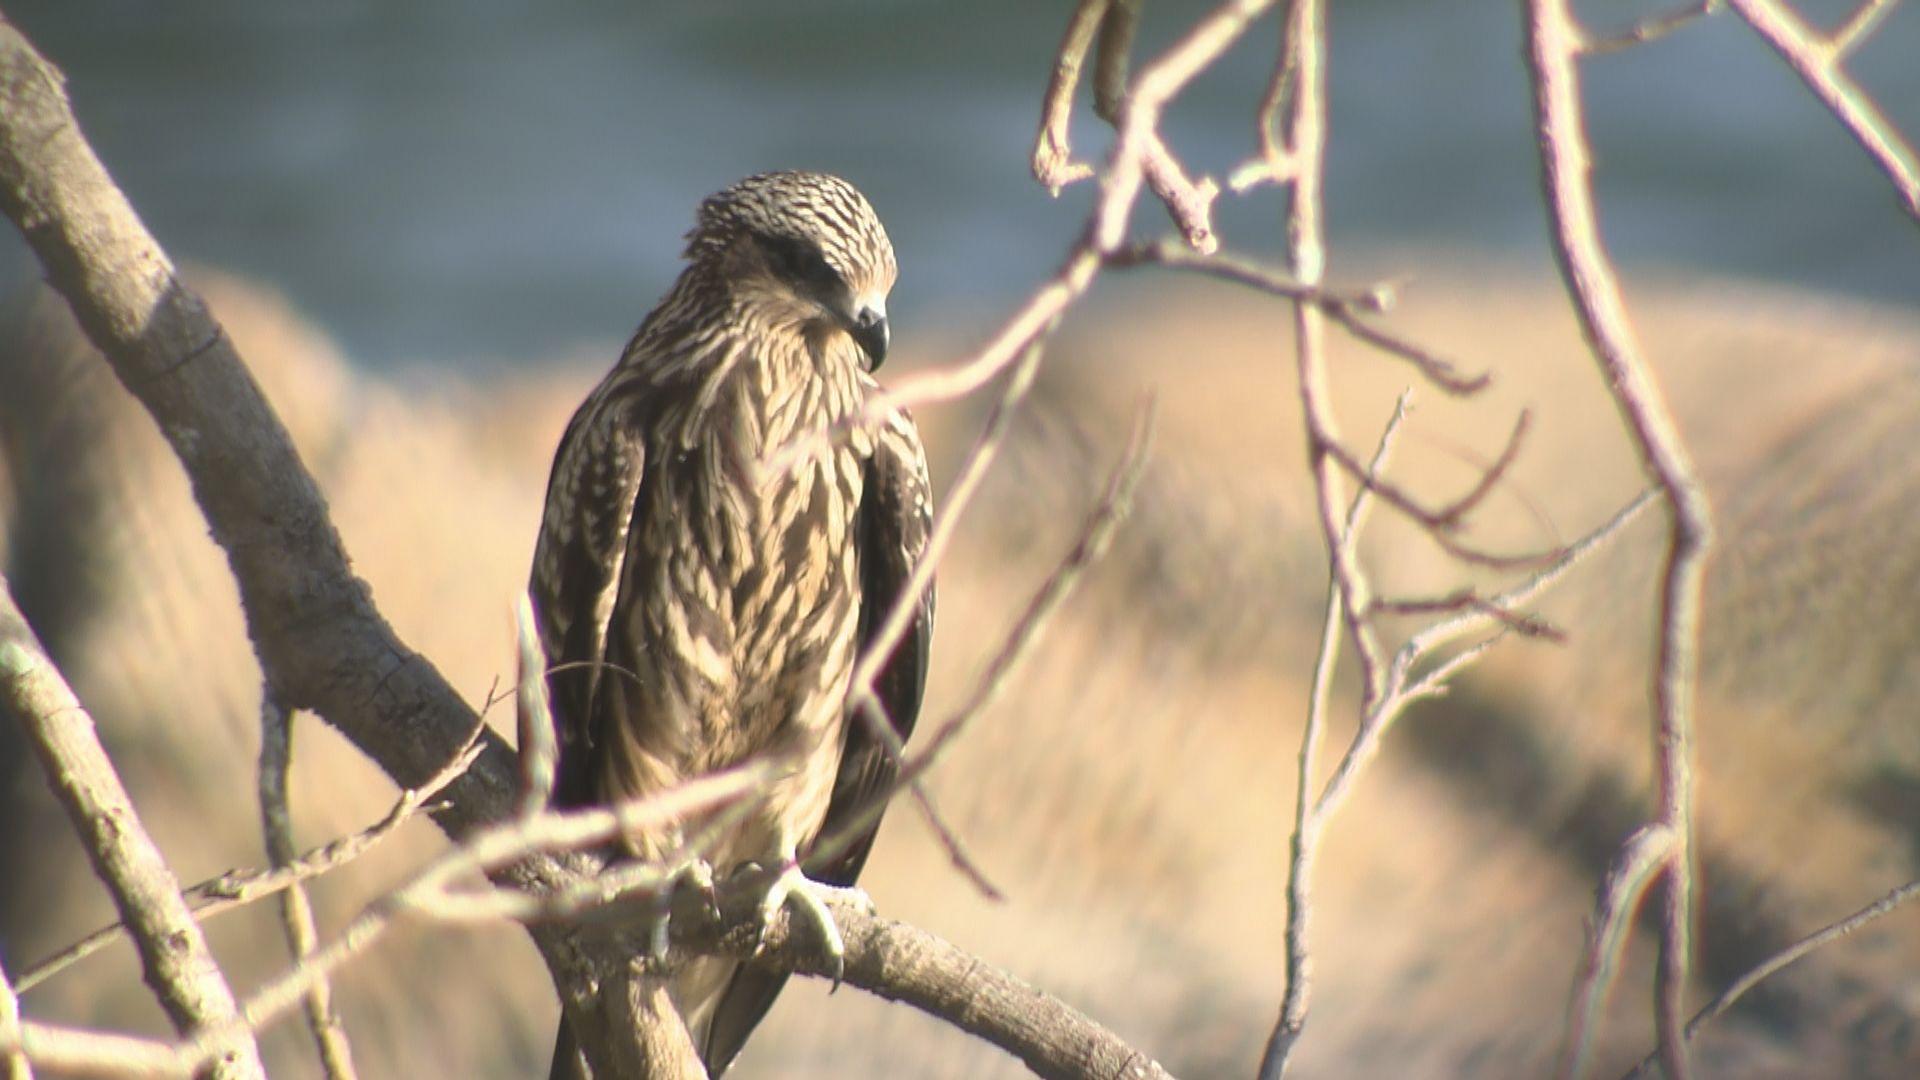 【經緯線本周提要】觀察逾十年 鷹痴追蹤本地麻鷹繁殖故事